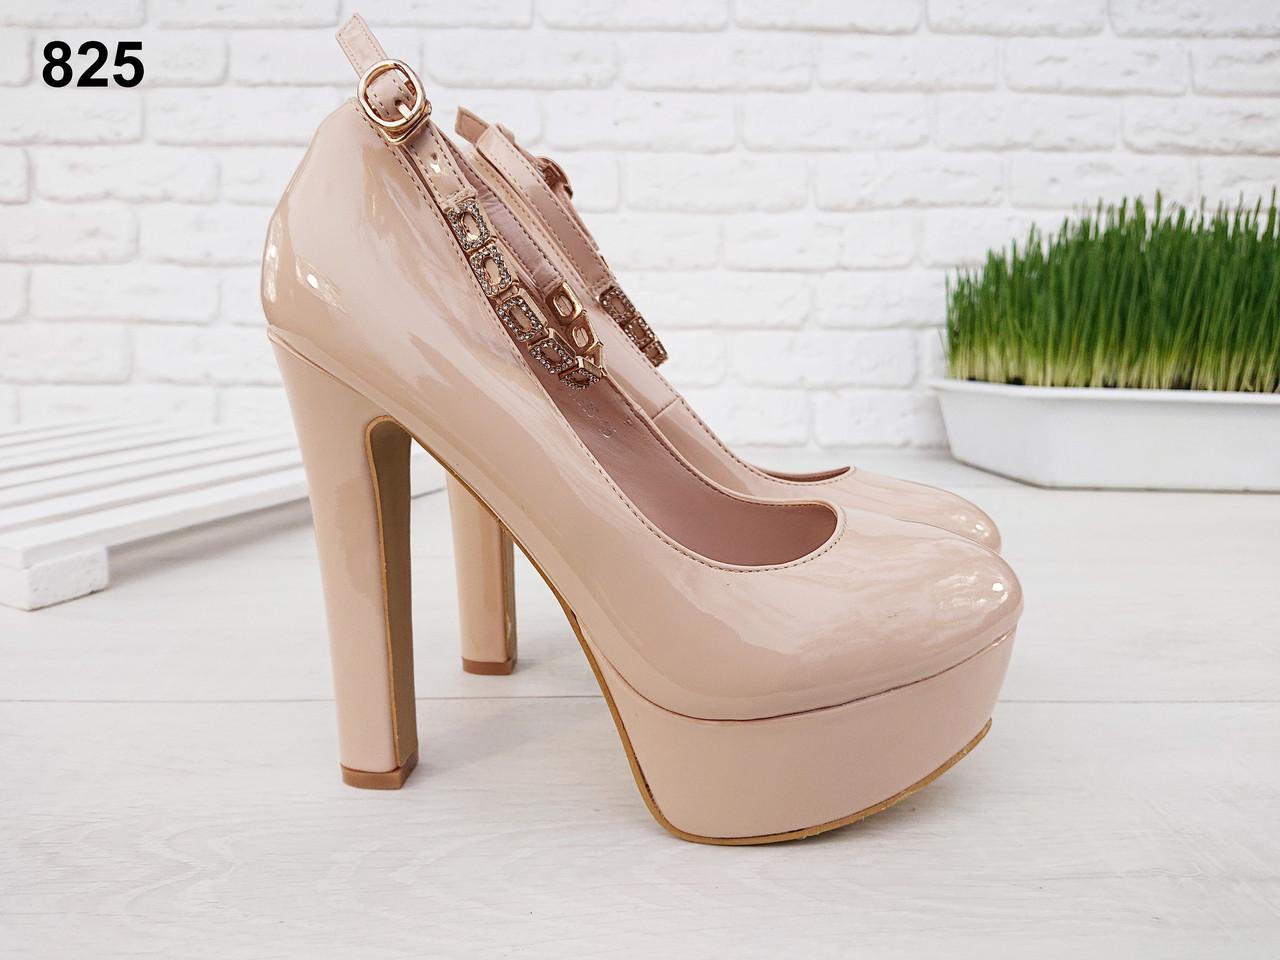 23 см Туфли женские бежевые лаковые на высоком каблуке с ремешком, из лака,из лаковой кожи,ремешок,с застежкой